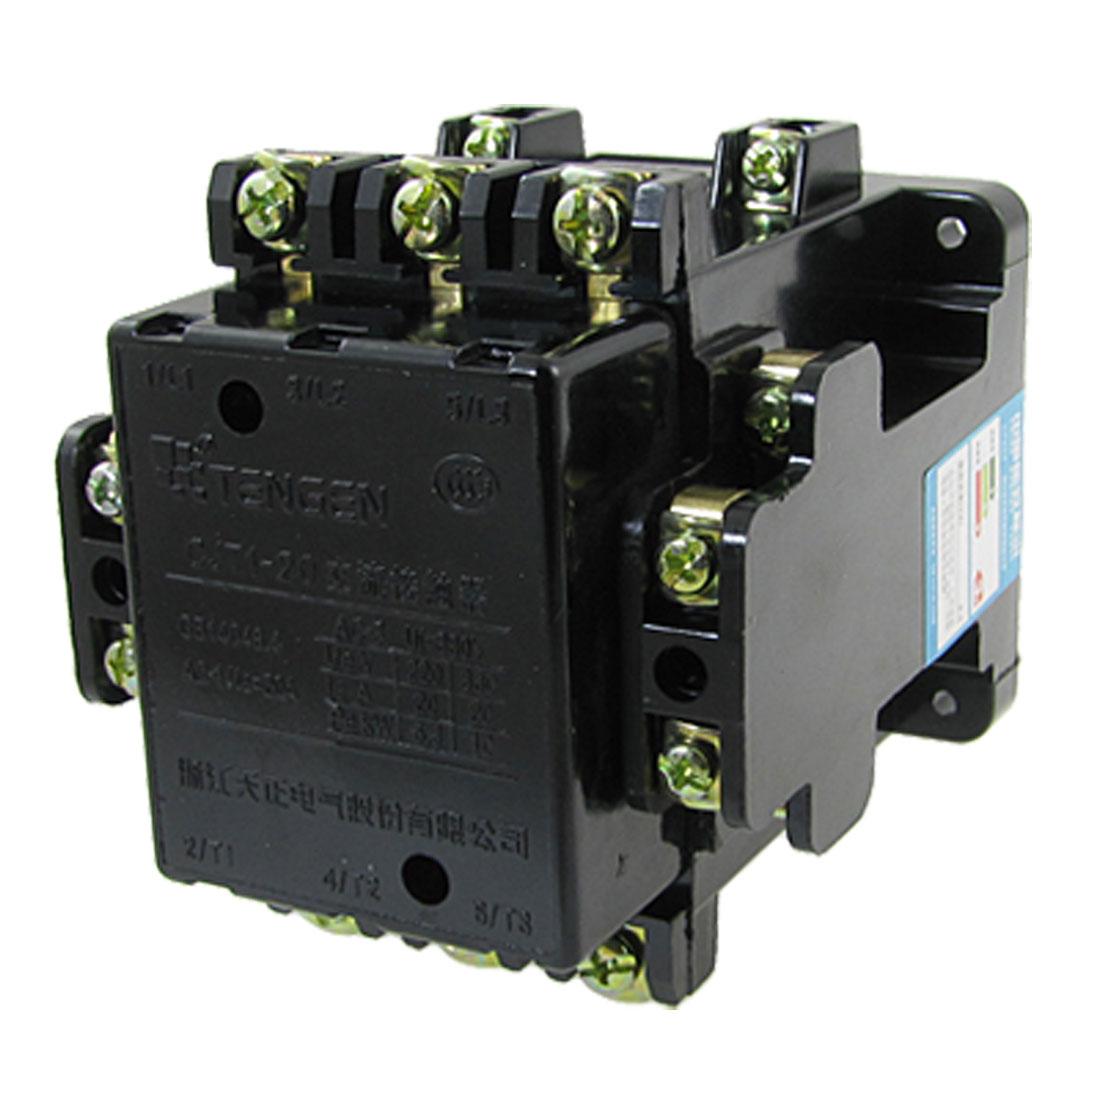 Motor Control AC Contactor 20A Ie 380V Coil 3 Poles 2NO+2NC CJT1-20